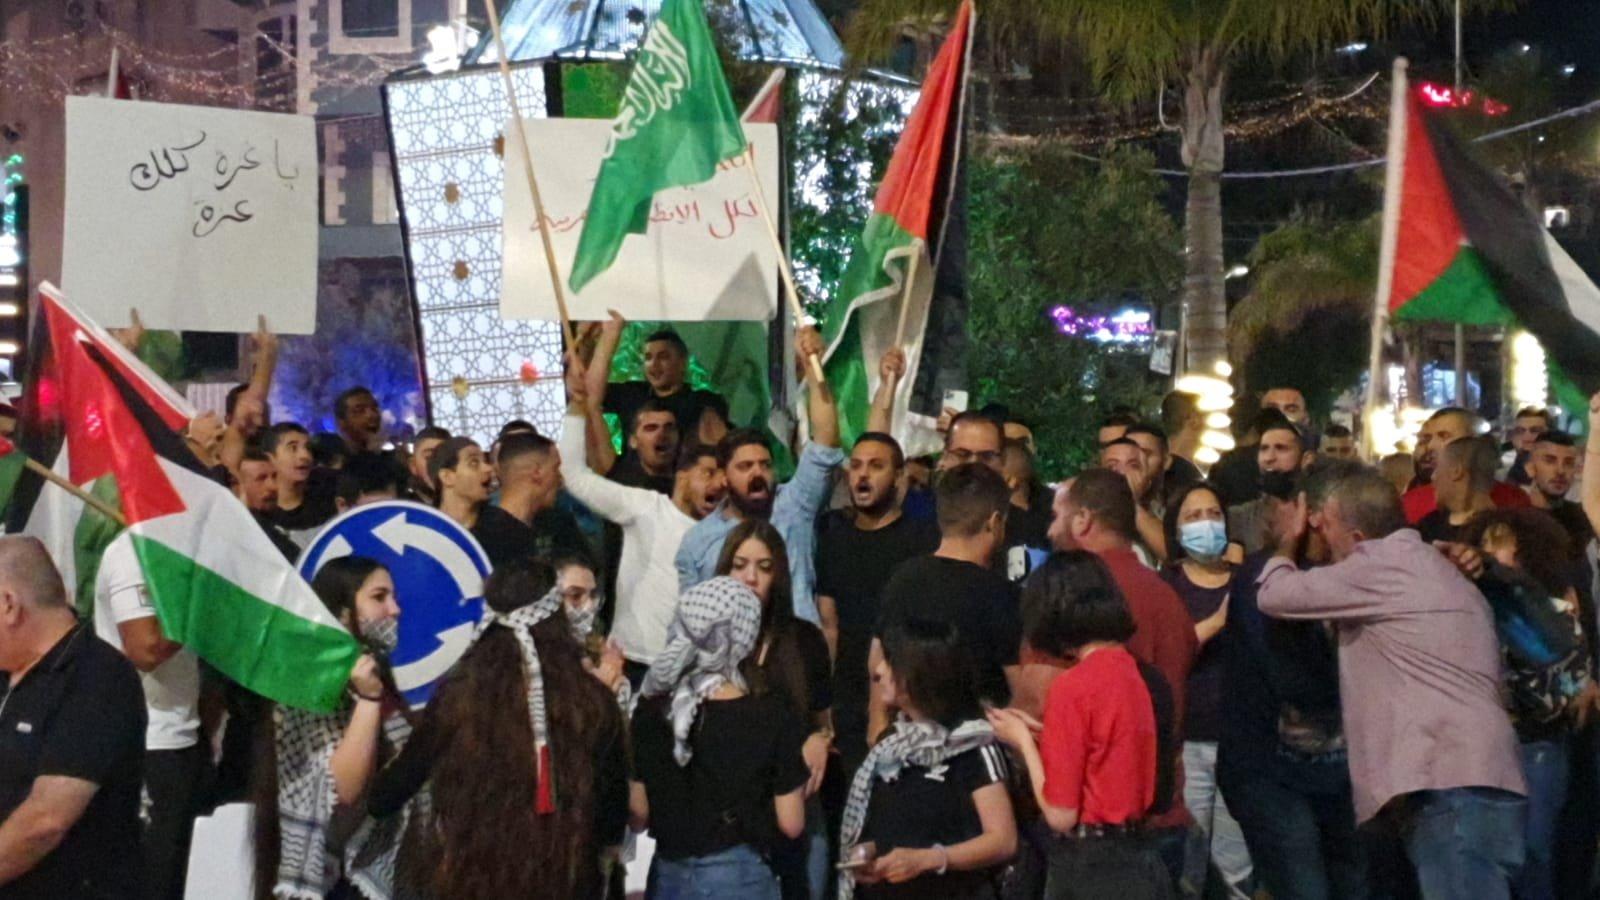 تابعوا الأخبار من مختلف البلدات: مظاهرات حاشدة، اليكم الملخص والصور-23